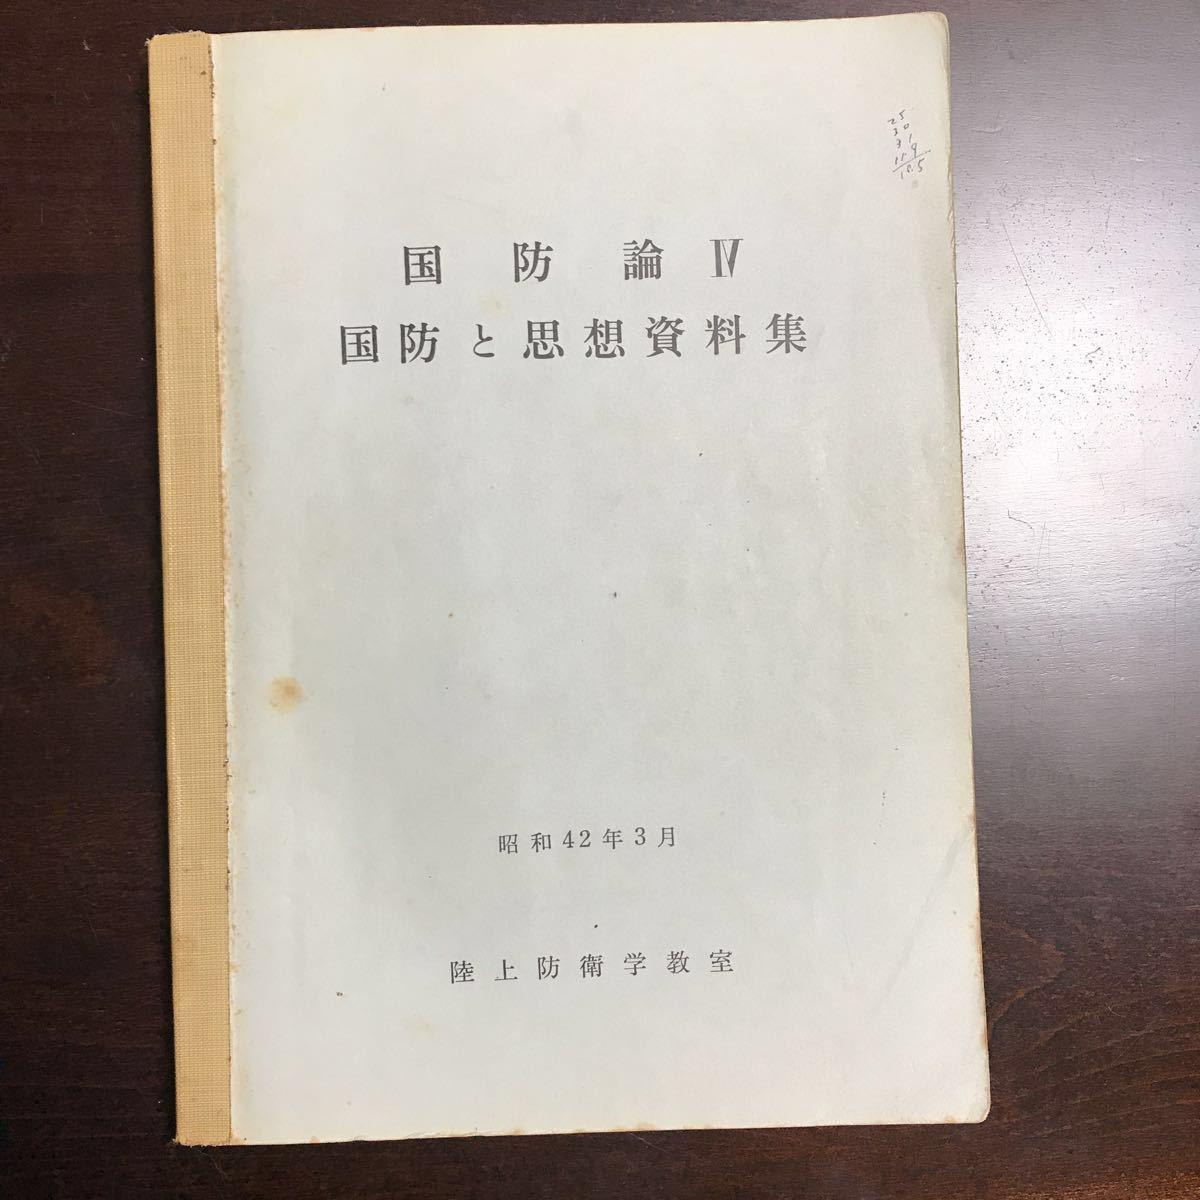 国防論Ⅳ 国防と思想資料集 昭和42年3月 陸上防衛学教室